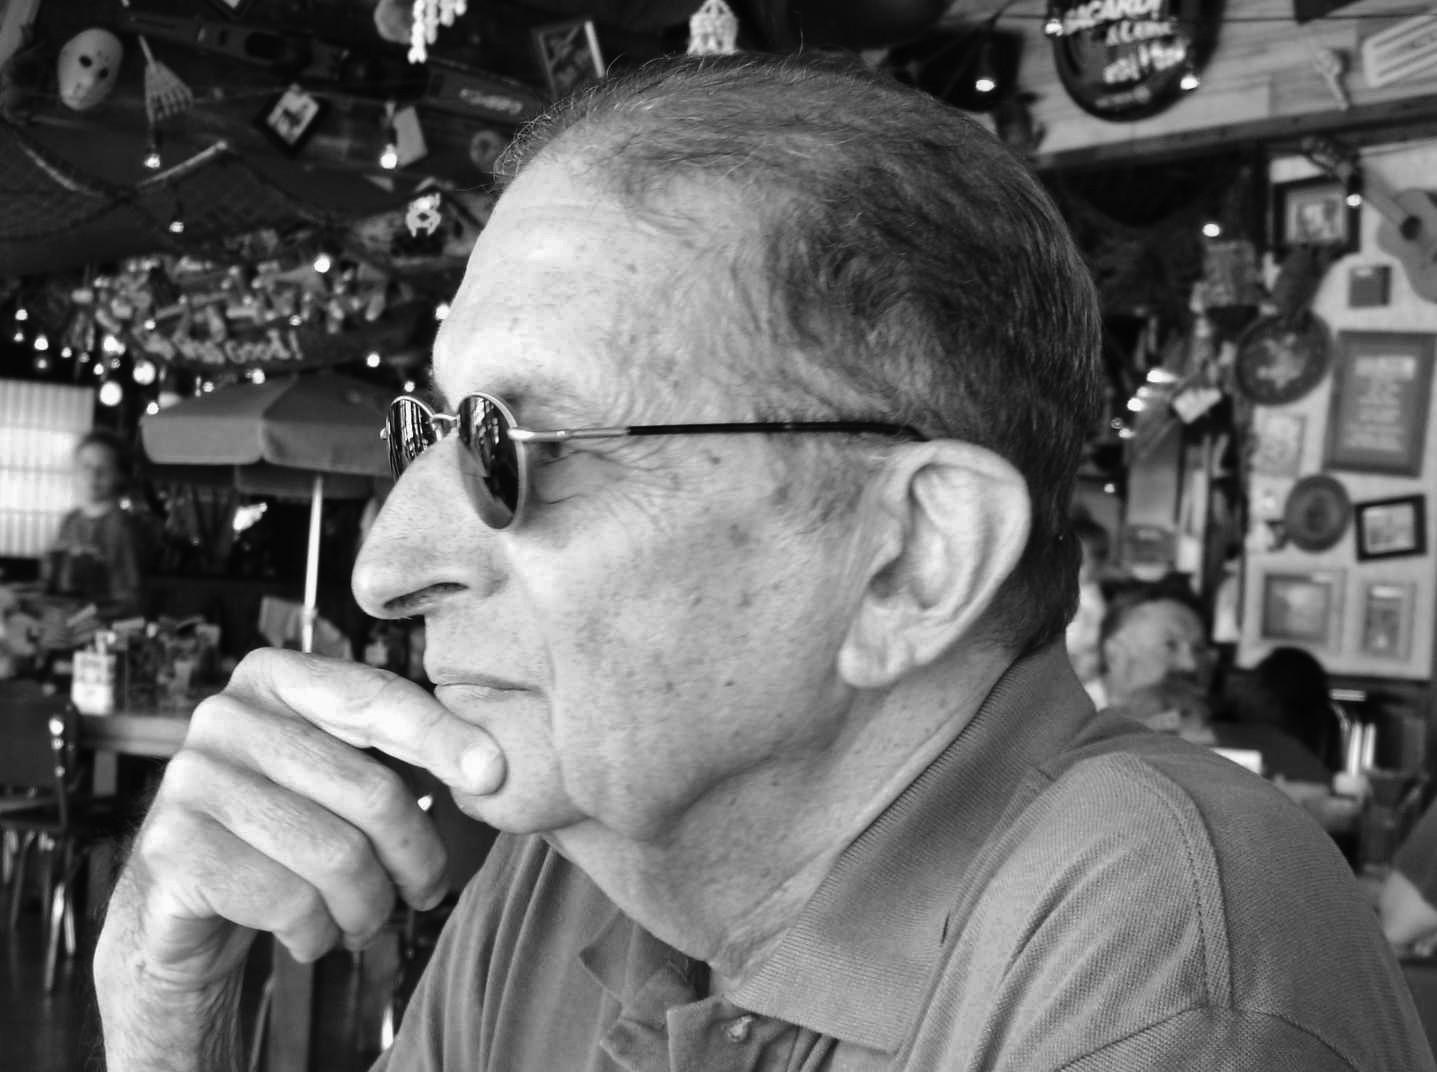 Fallece gran Crítico e Historiador de Arquitectura Roberto Segre 1934-2013, © http://arquitectura-cuba.blogspot.com